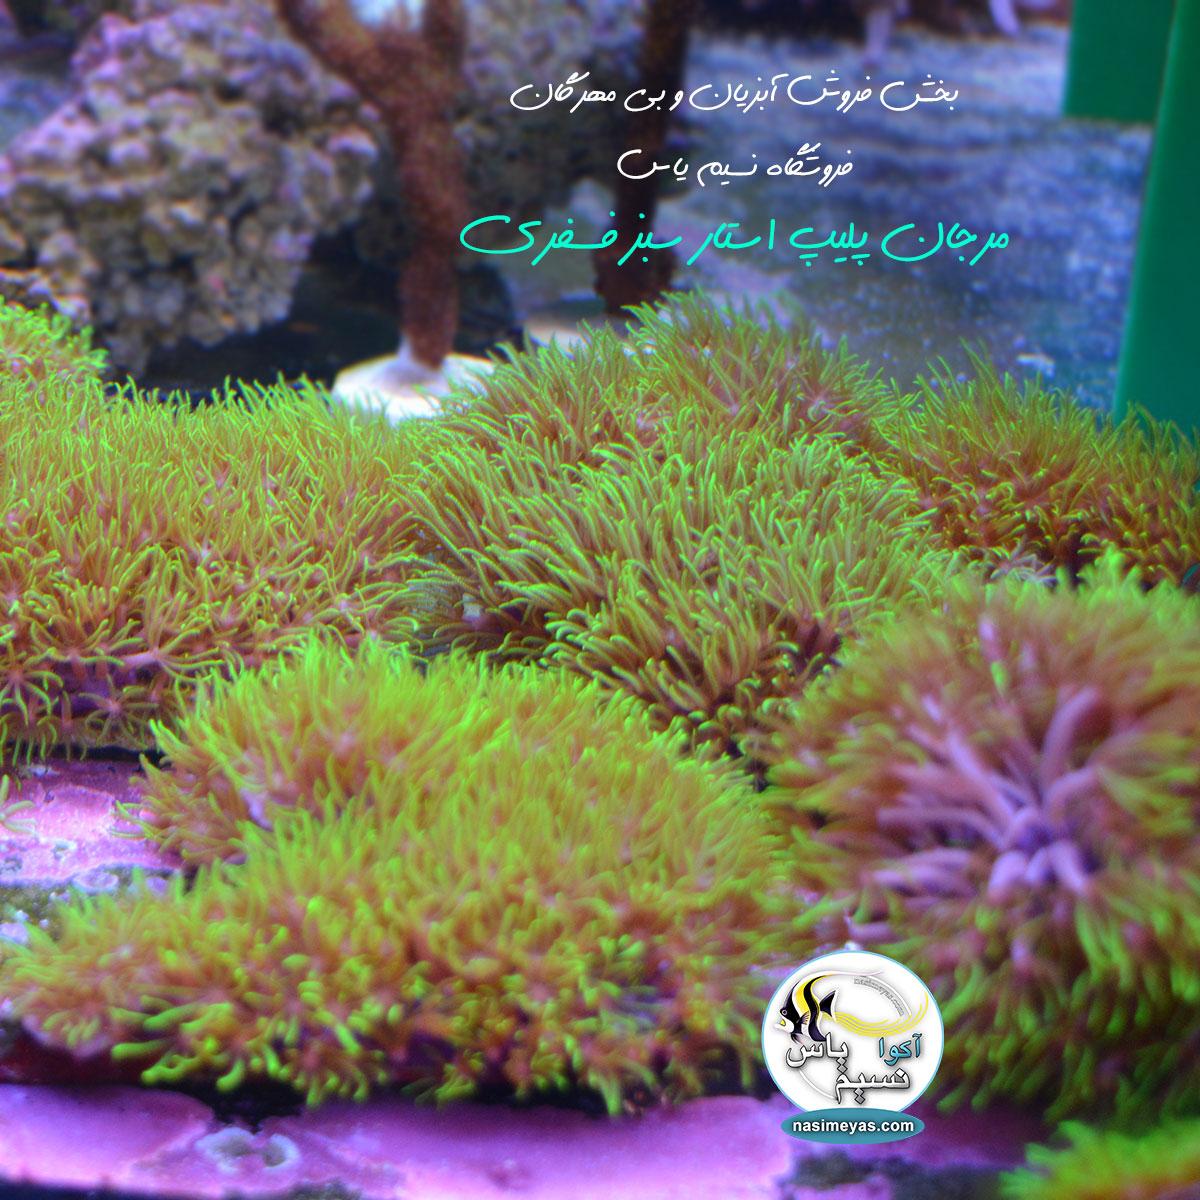 خرید مرجان پولیپ استار سبز فسفری